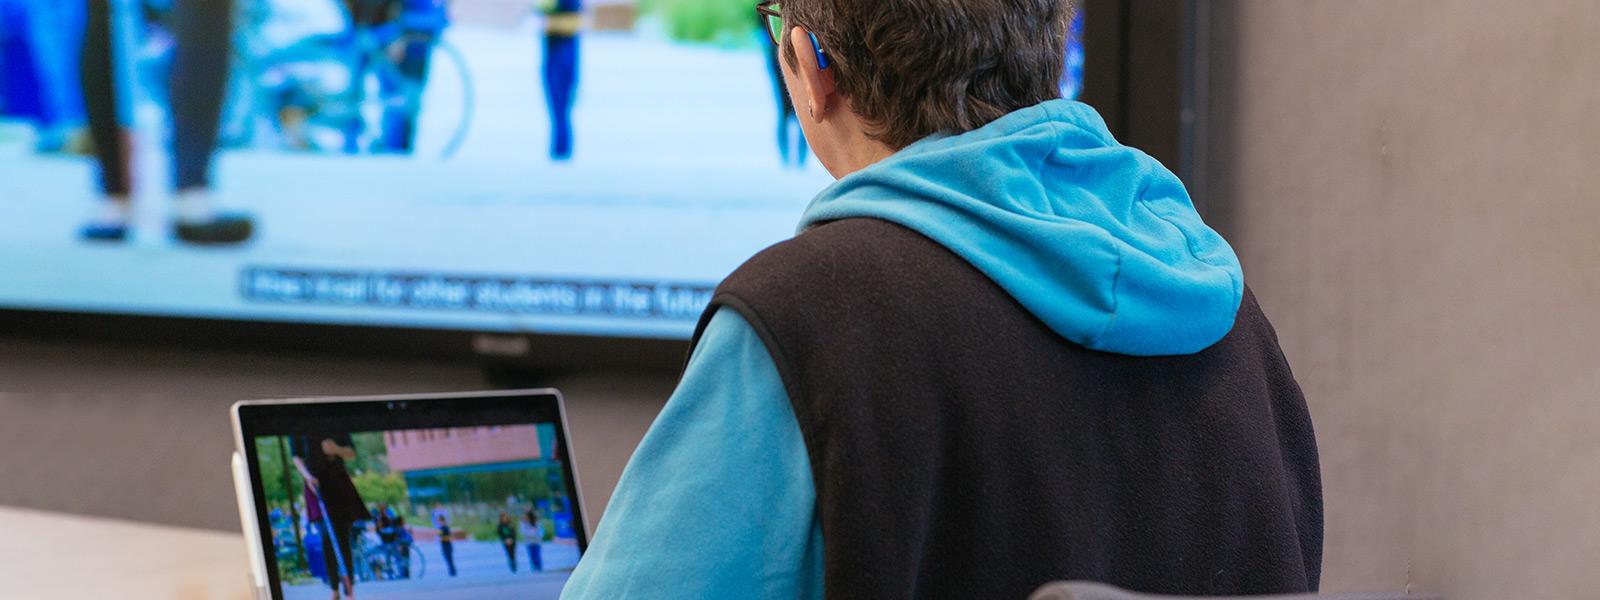 Žena s načúvacím prístrojom sleduje videoprezentáciu s titulkami